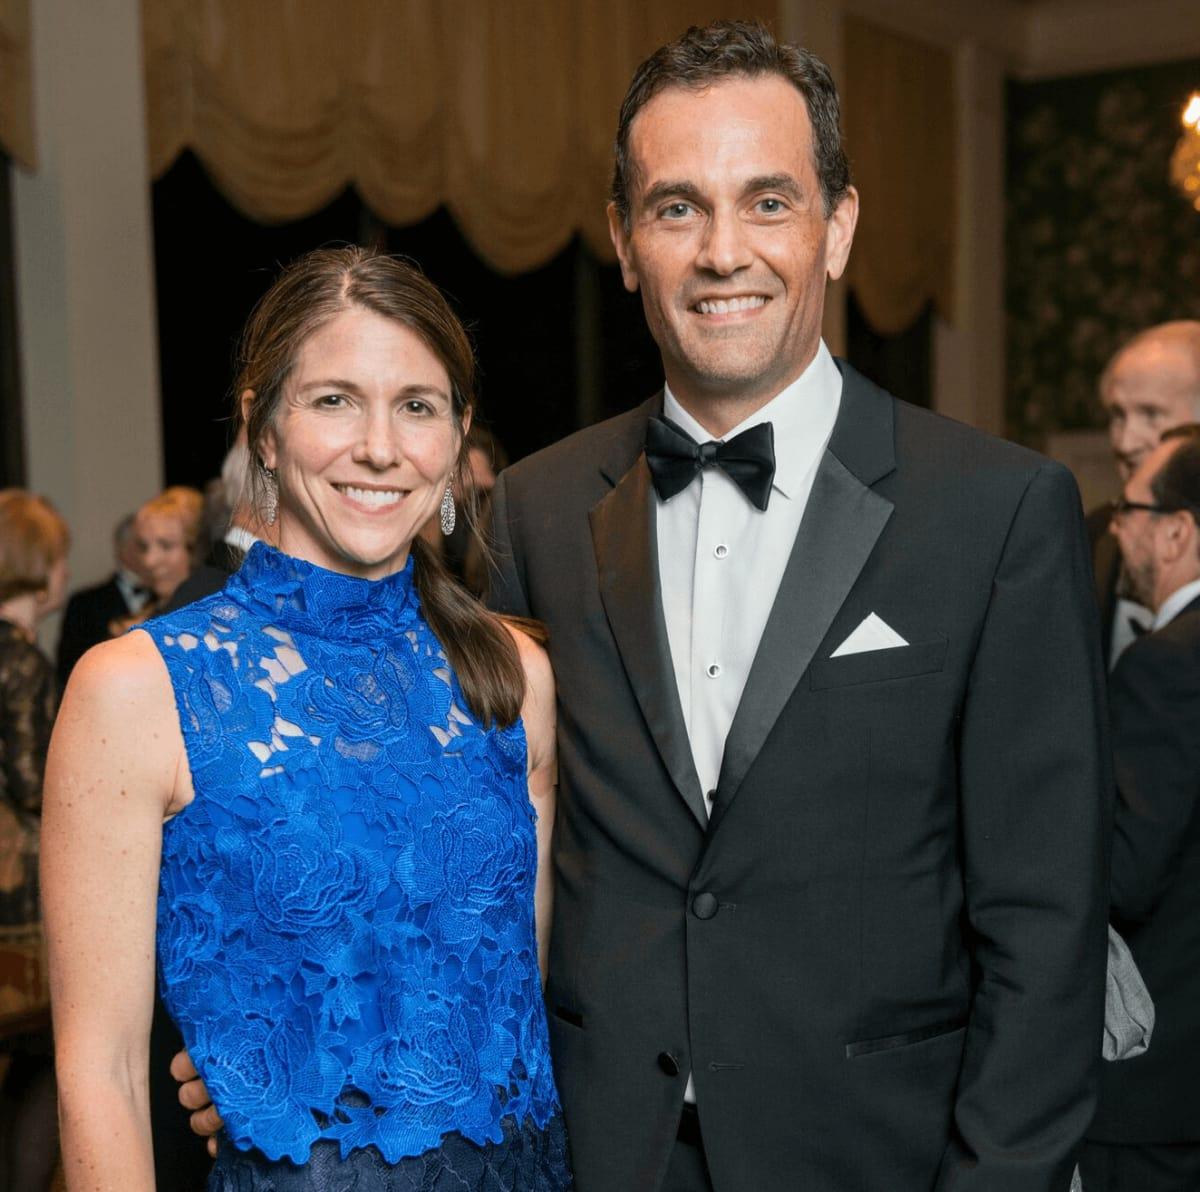 Jill and Joe Karlgaard at Rice Honors Gala